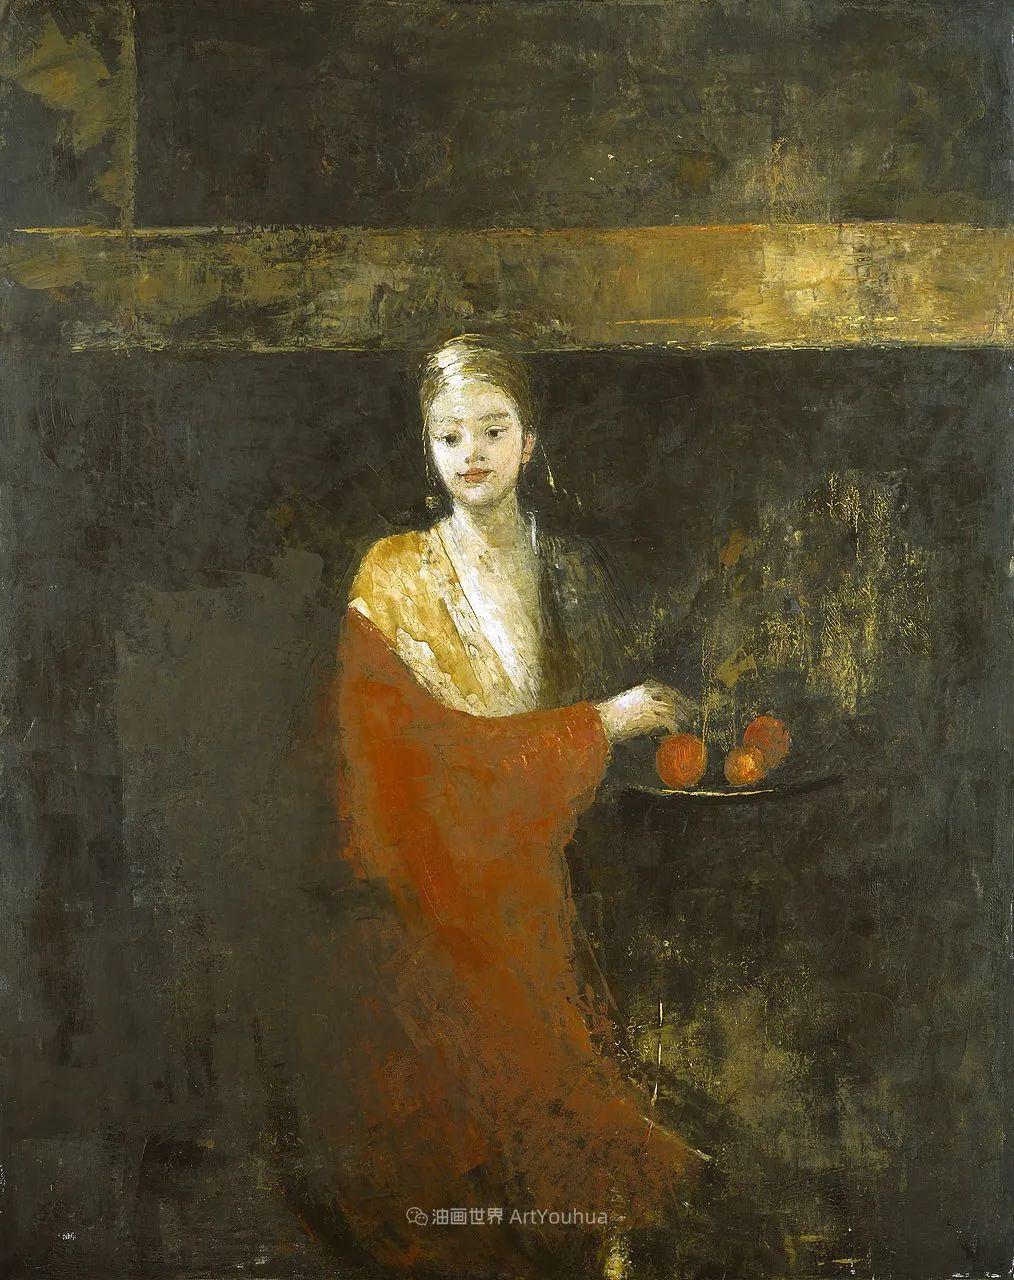 马耳他女画家 Goxwa Borg 戈克斯瓦·博格作品欣赏: 古典又现代!插图95